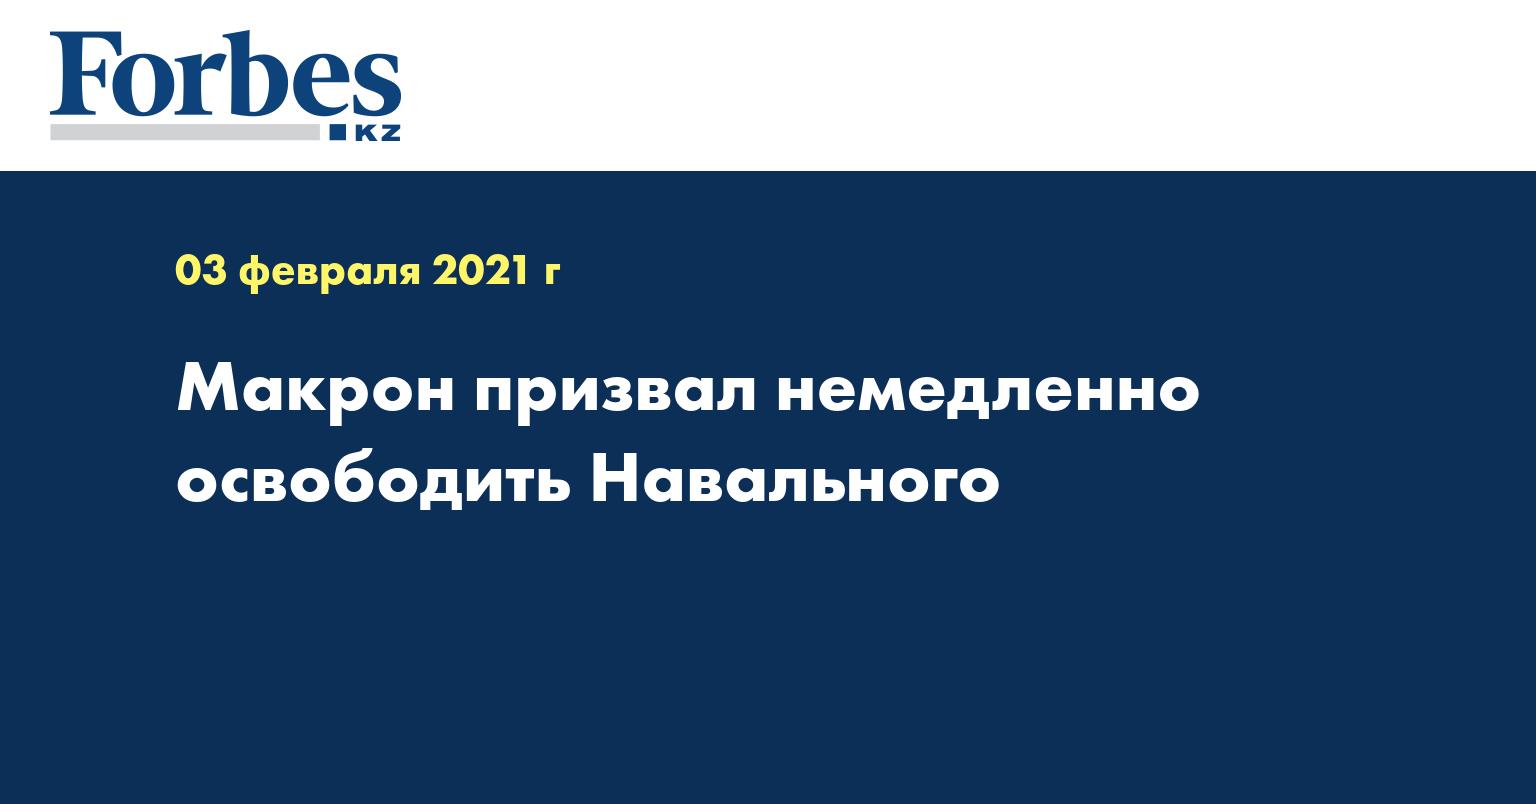 Макрон призвал немедленно освободить Навального